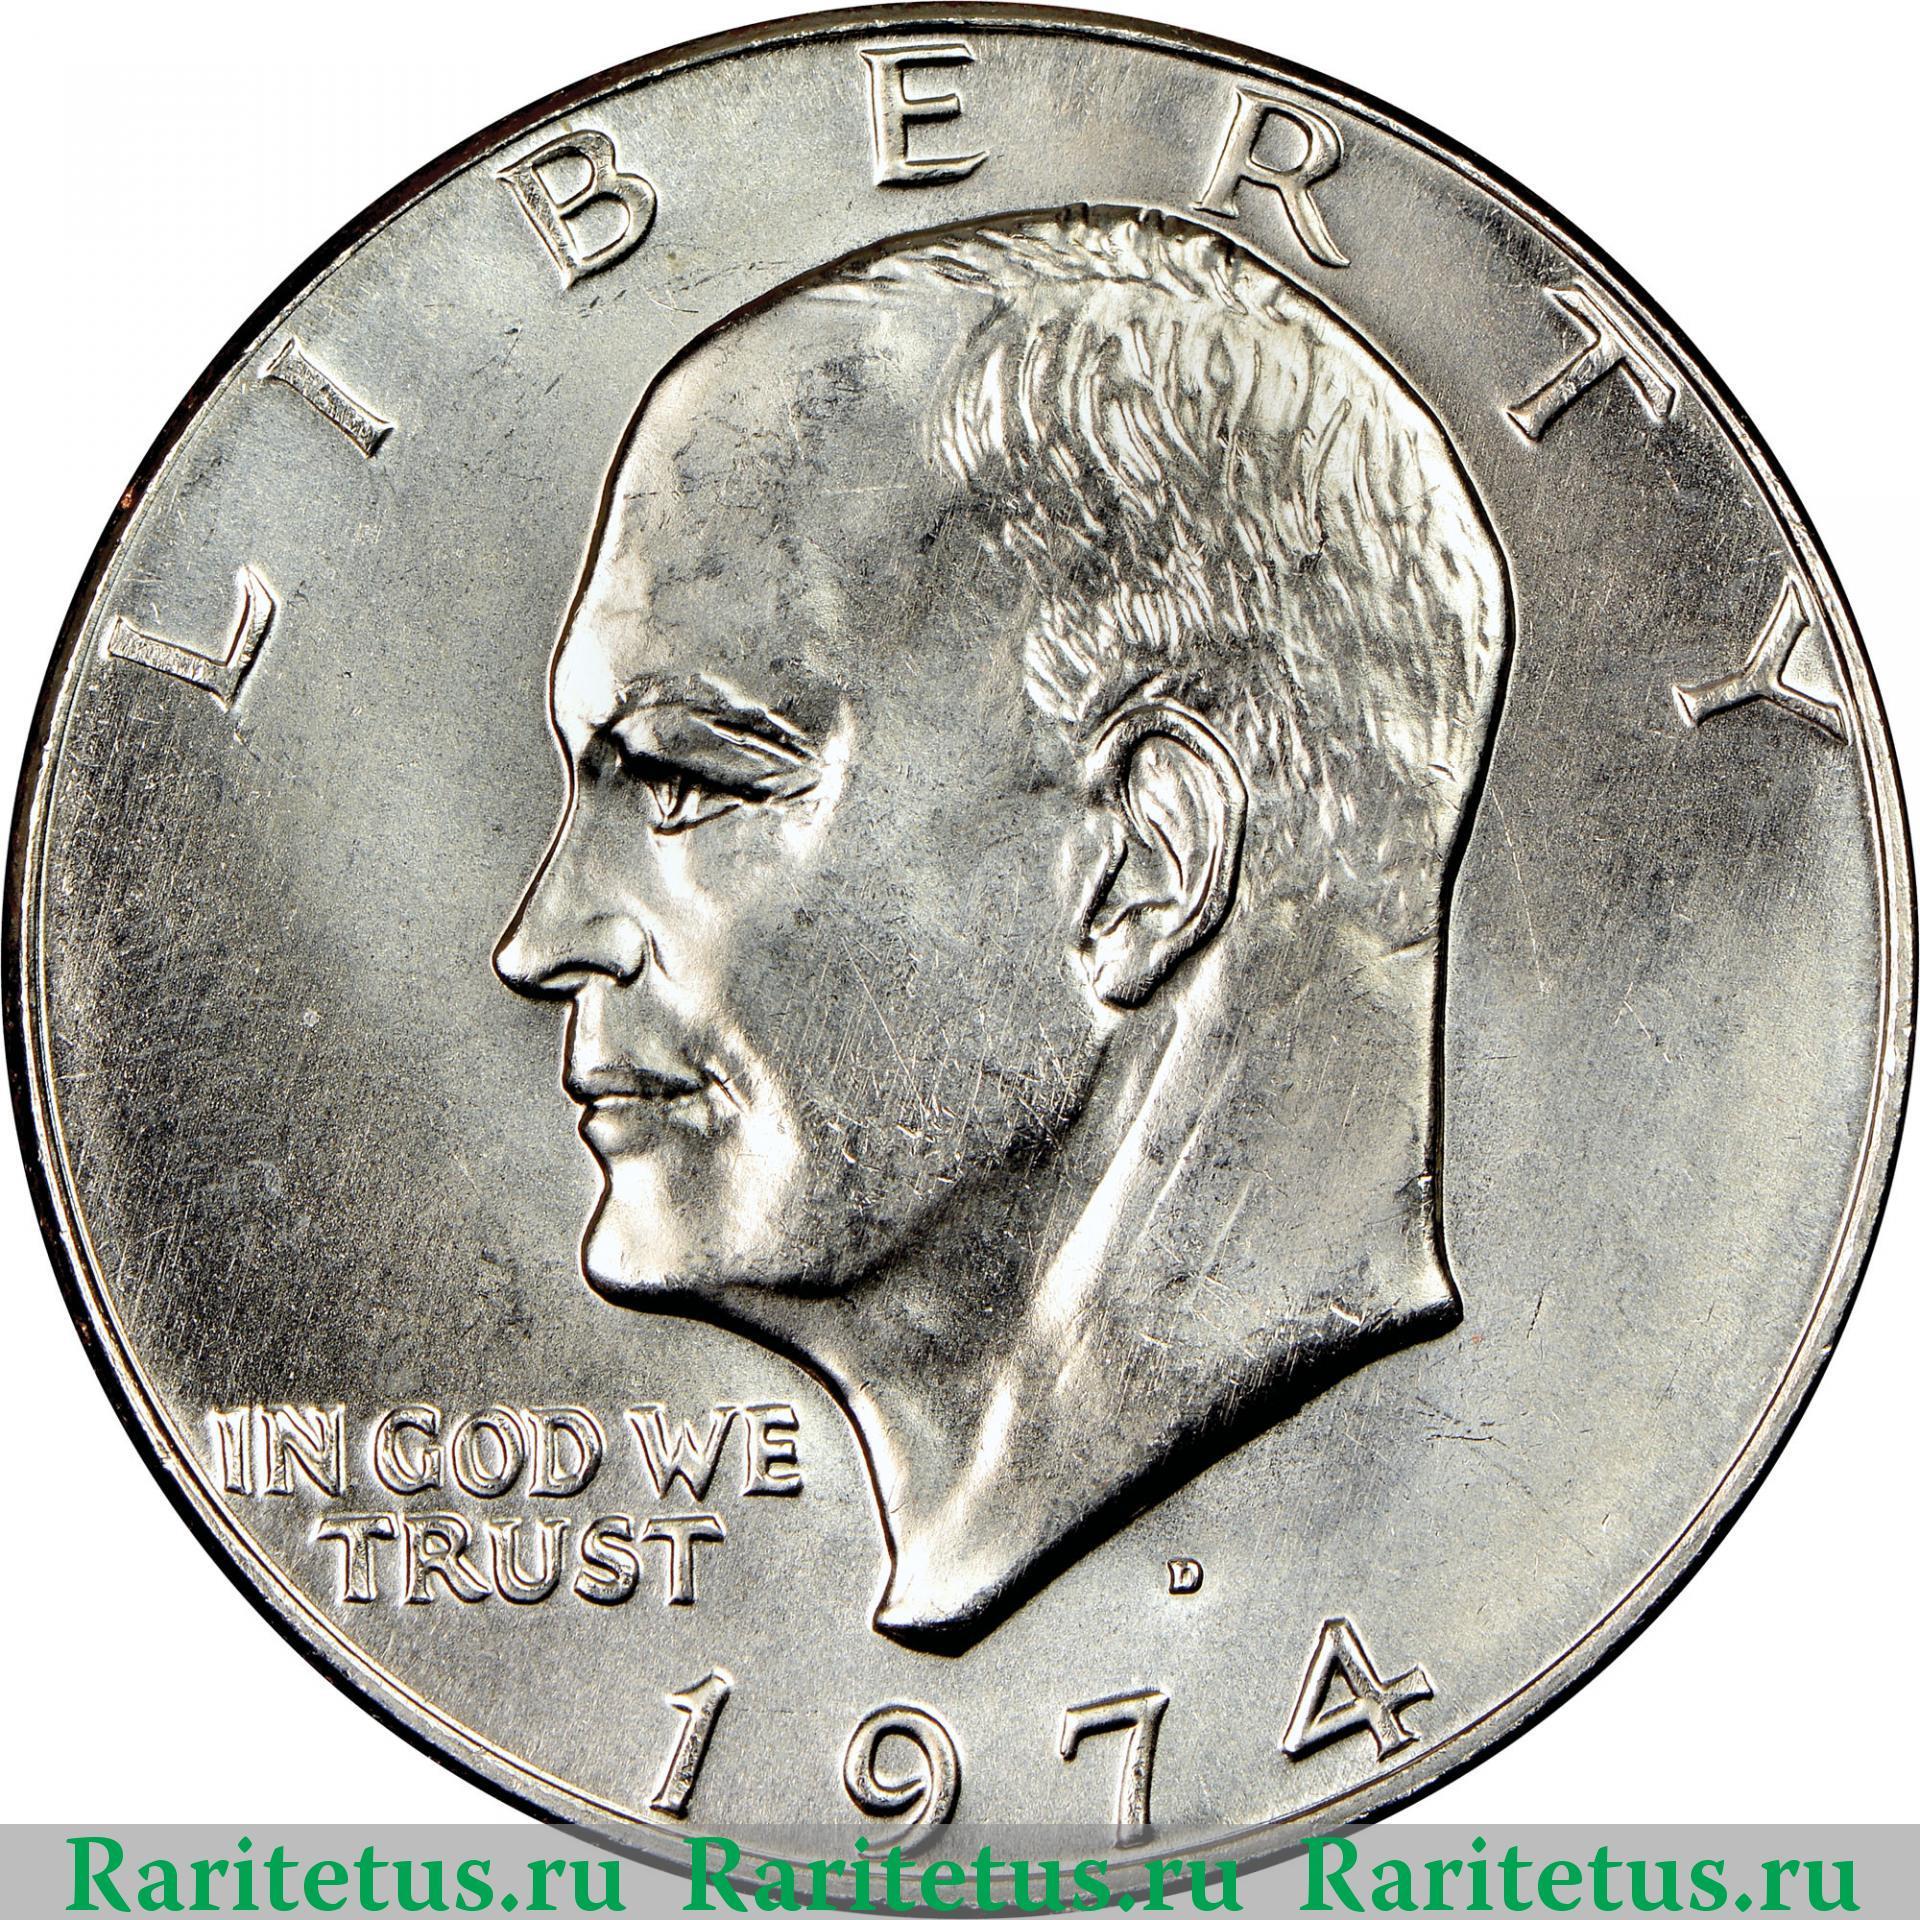 цена монеты 1 доллар Dollar 1974 года D сша стоимость по